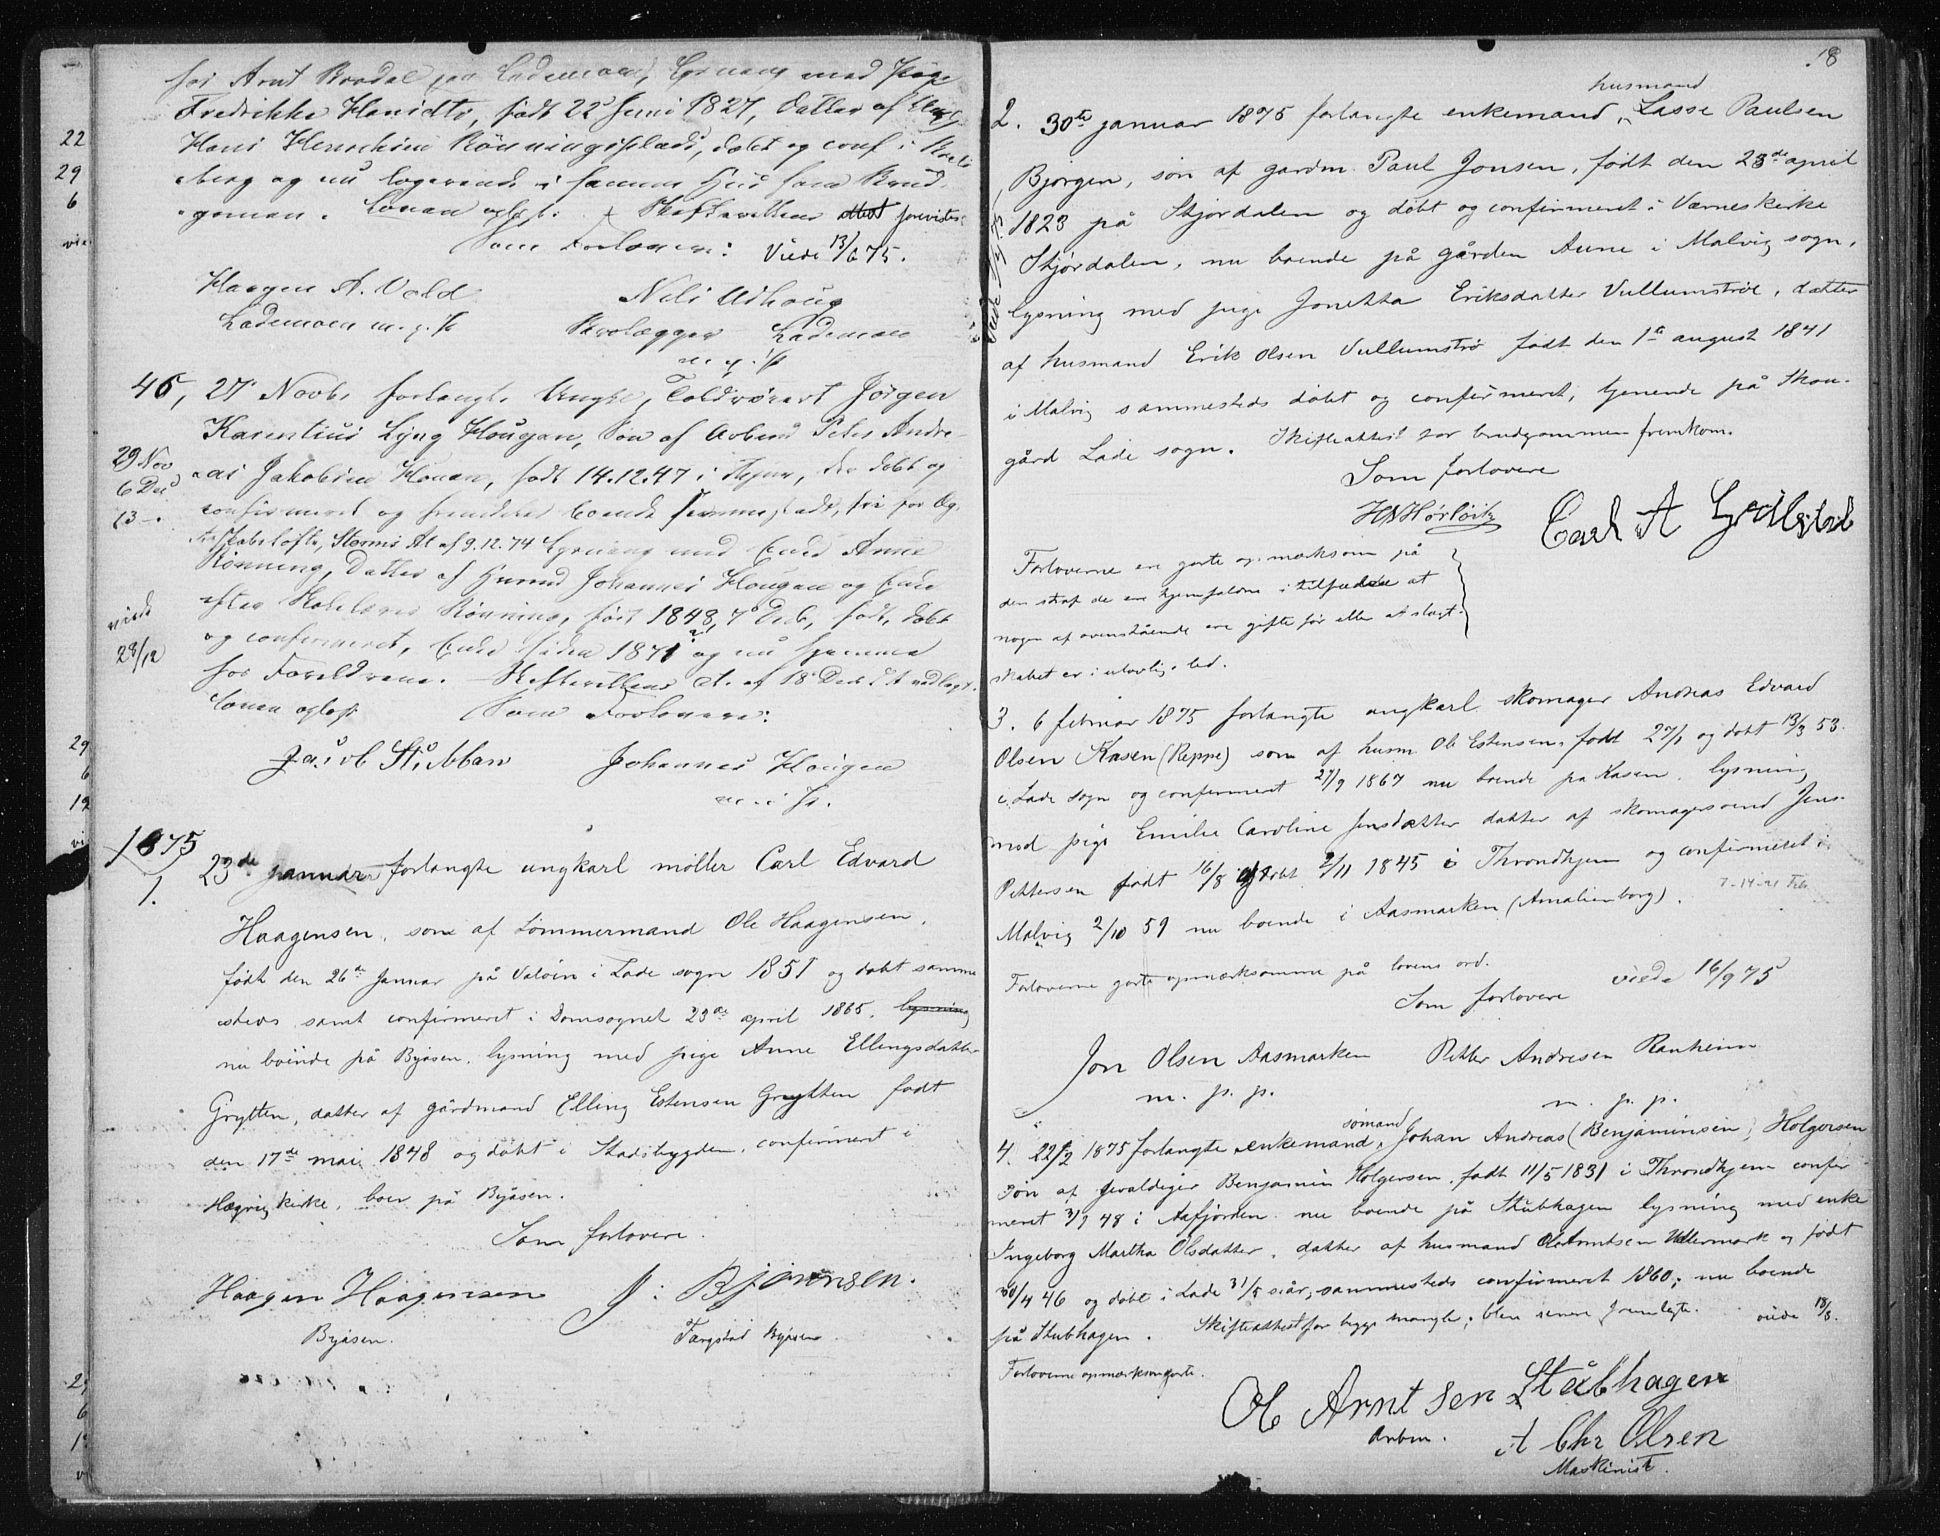 SAT, Ministerialprotokoller, klokkerbøker og fødselsregistre - Sør-Trøndelag, 606/L0299: Lysningsprotokoll nr. 606A14, 1873-1889, s. 18